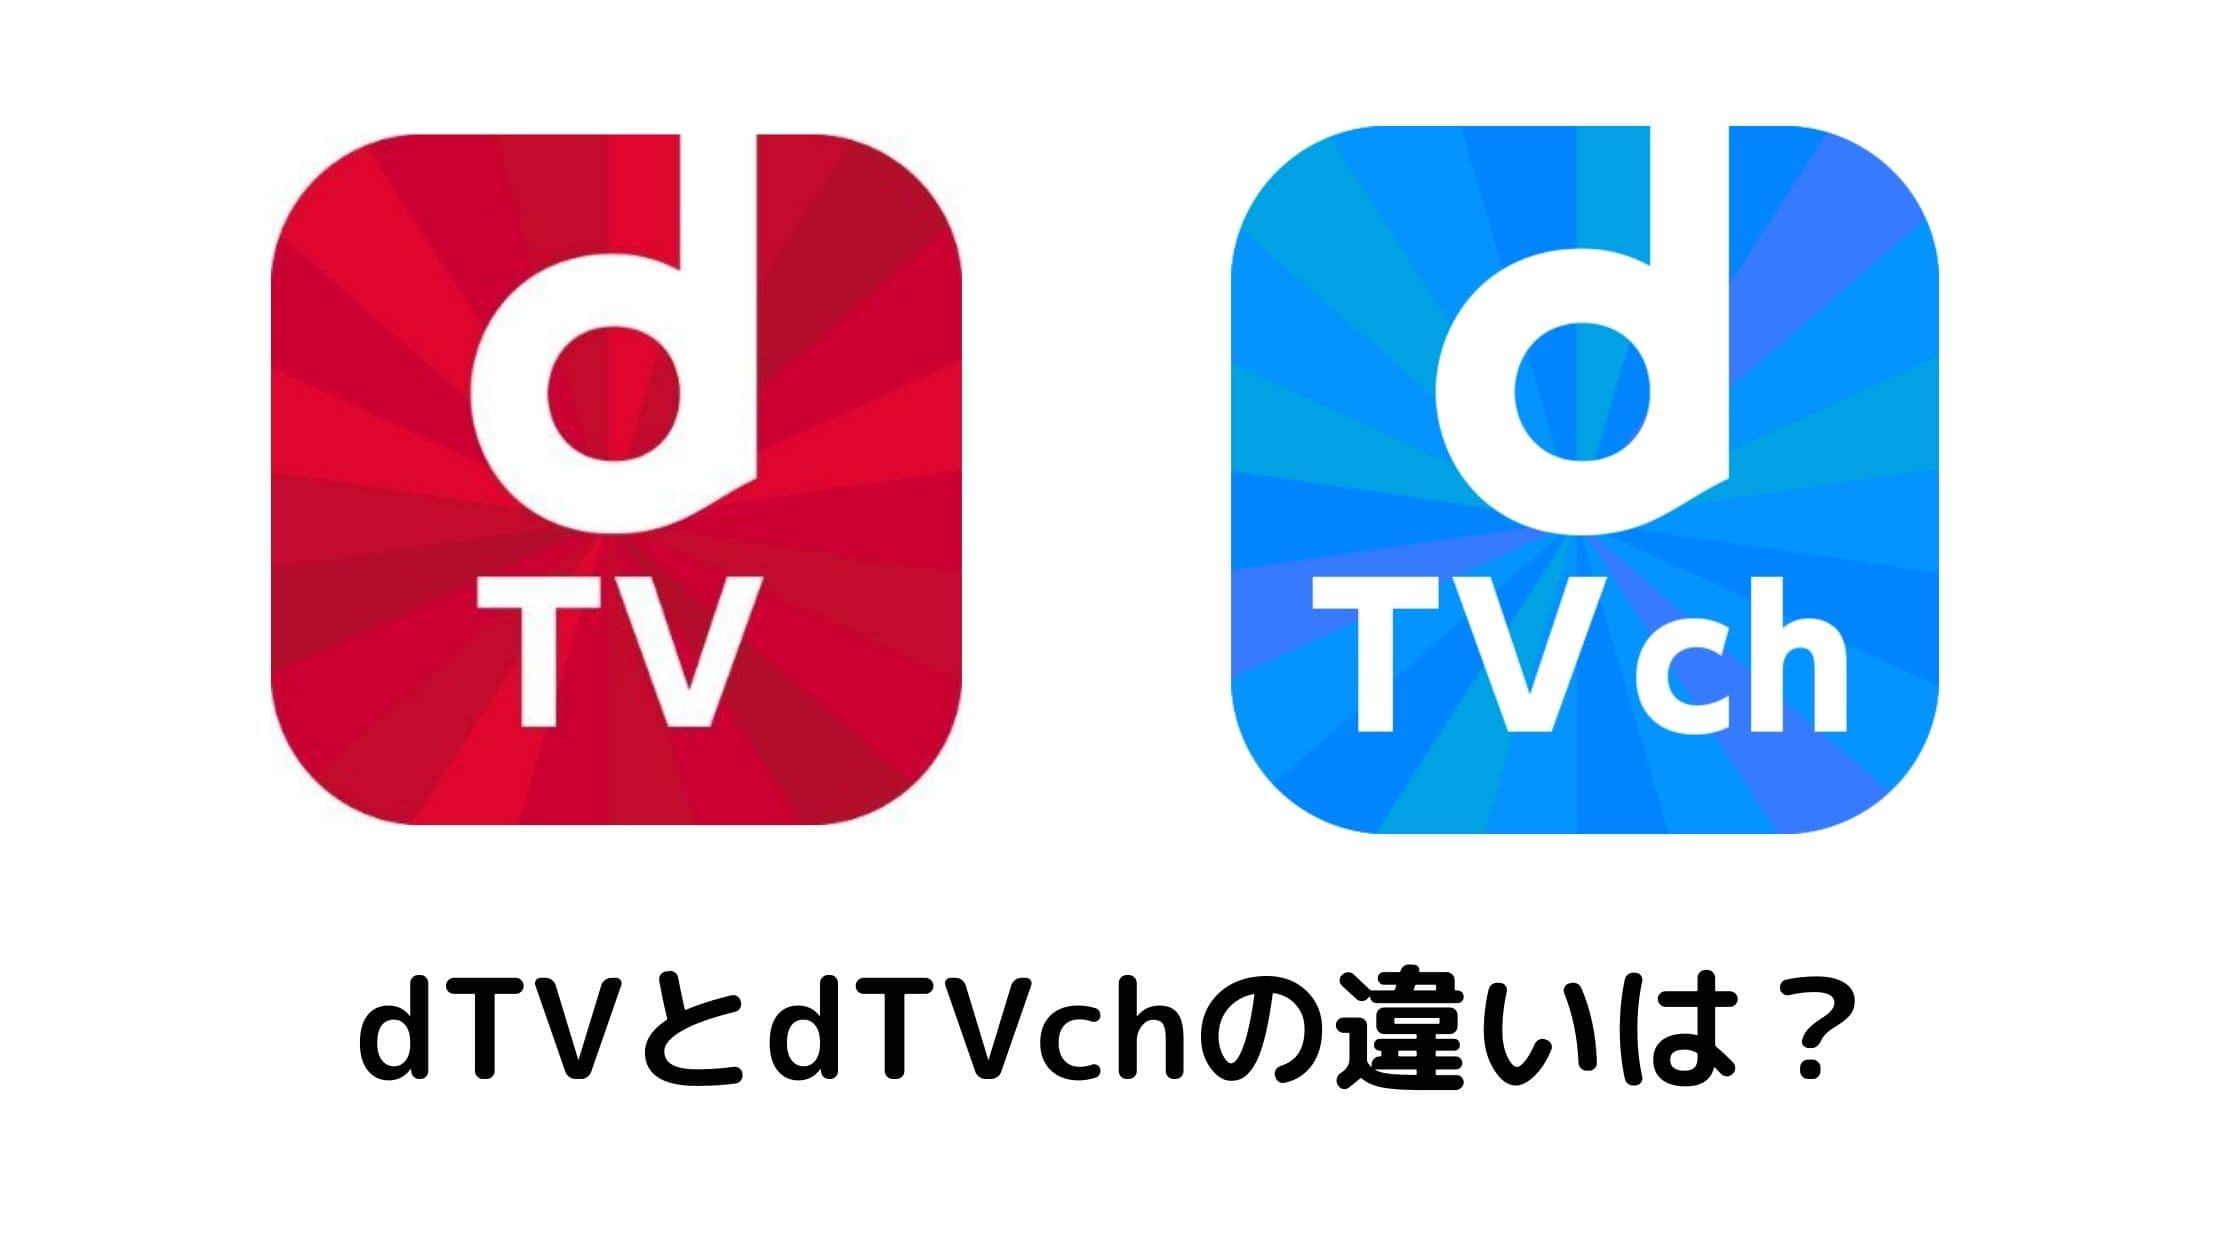 dTVとdTVchの違いの画像